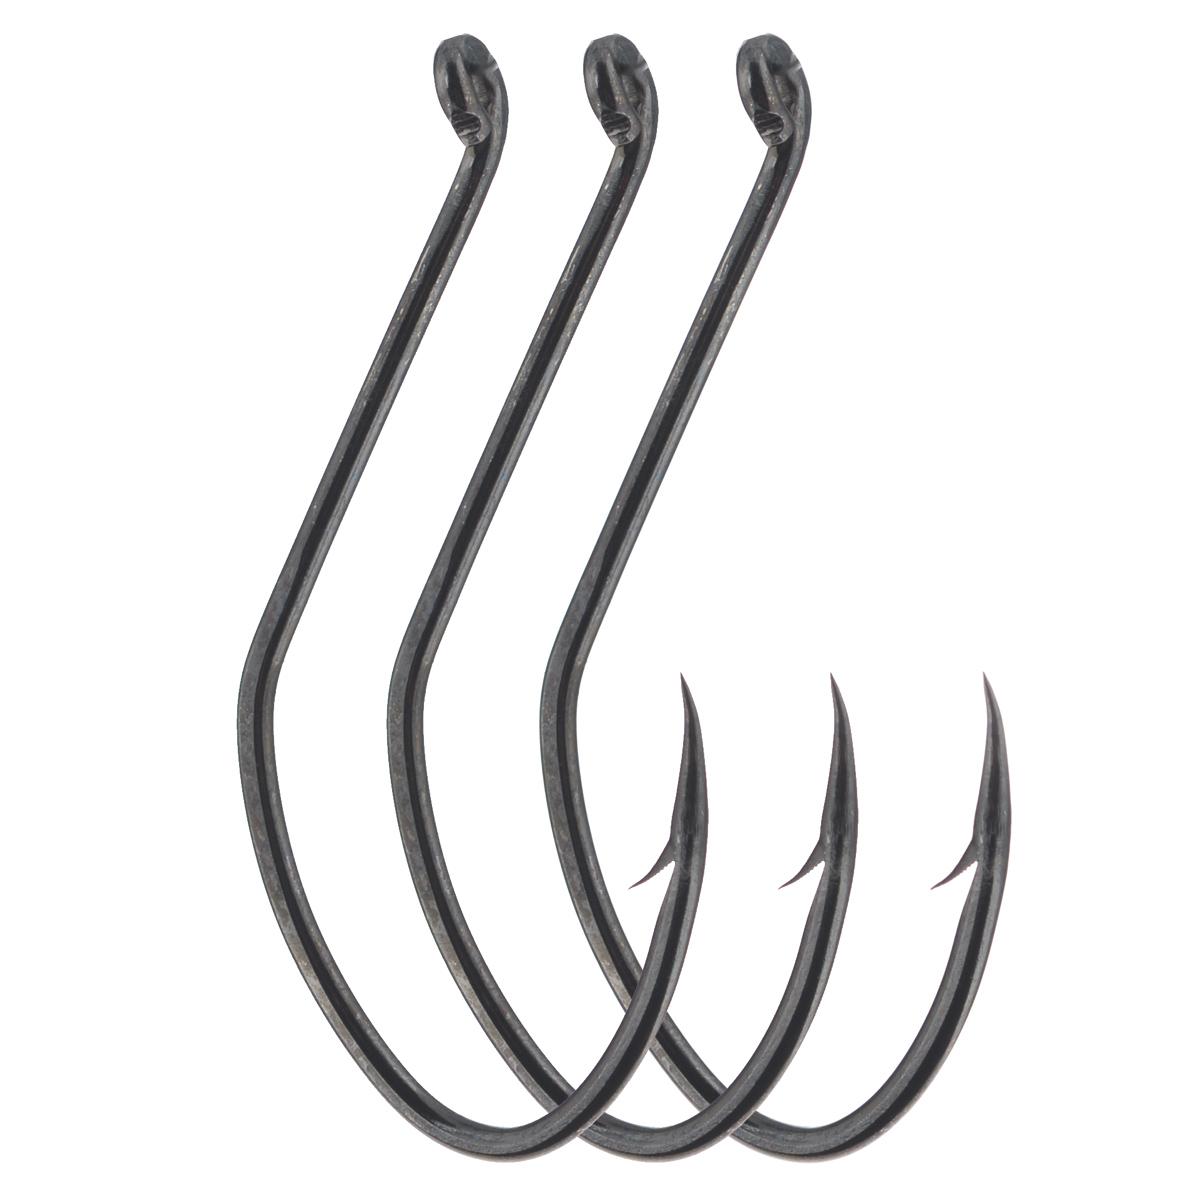 Крючки рыболовные Cobra Catfish, цвет: черный, размер 8/0, 3 шт крючки рыболовные cobra feeder master цвет черный размер 10 10 шт